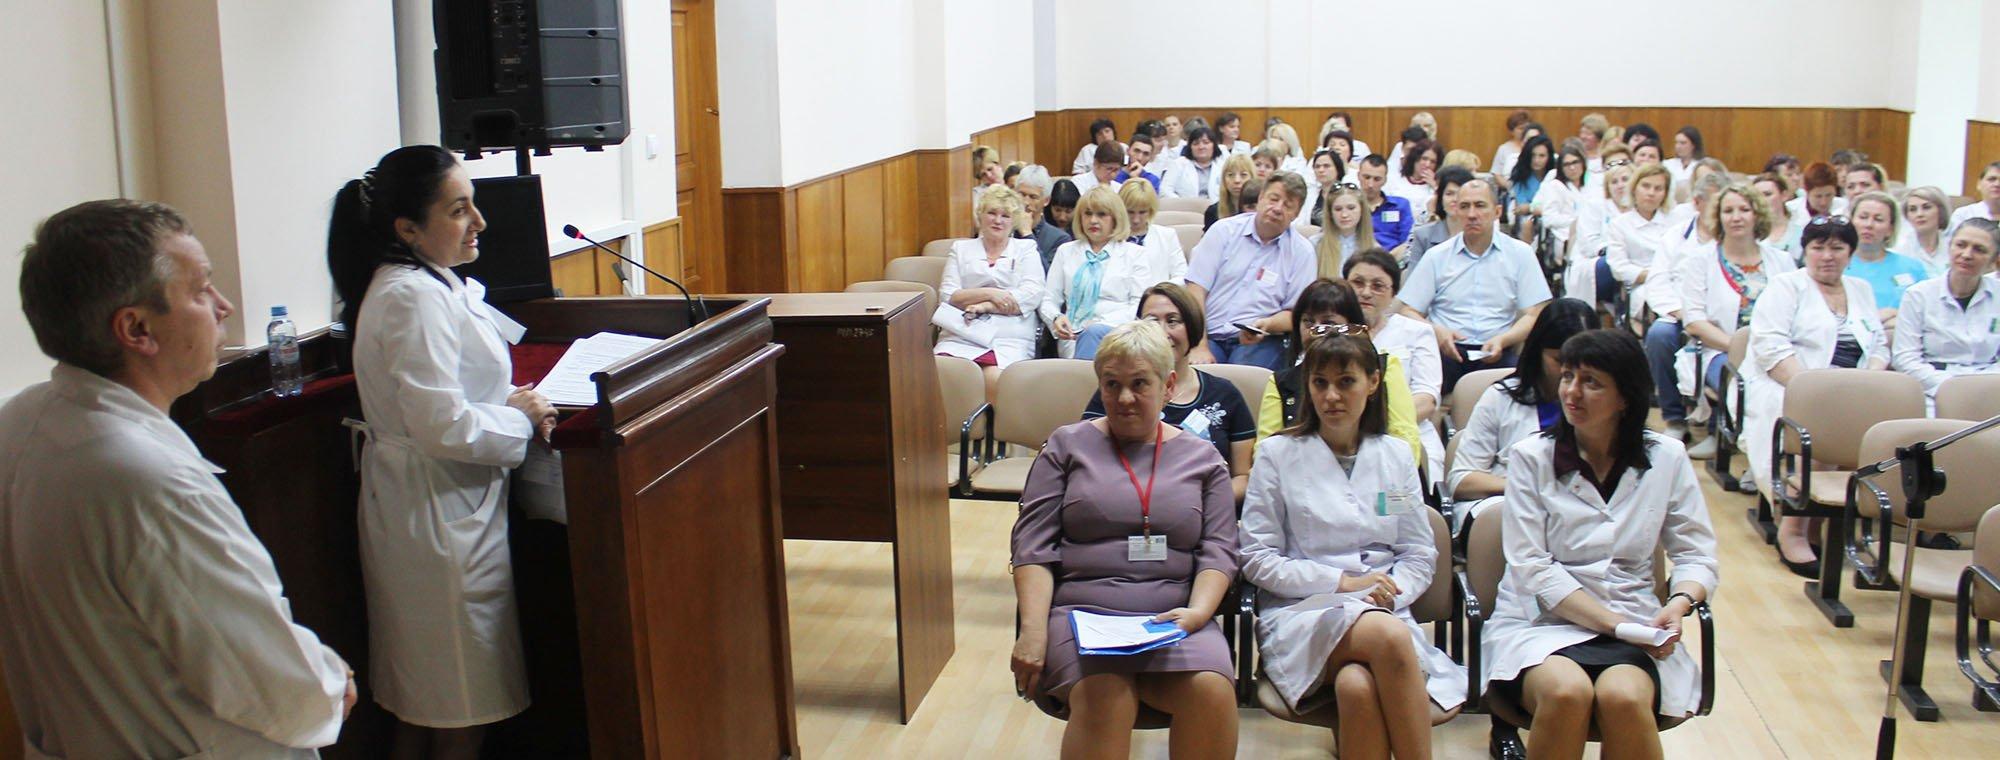 В больнице переизбрали председателя и членов профсоюзного комитета